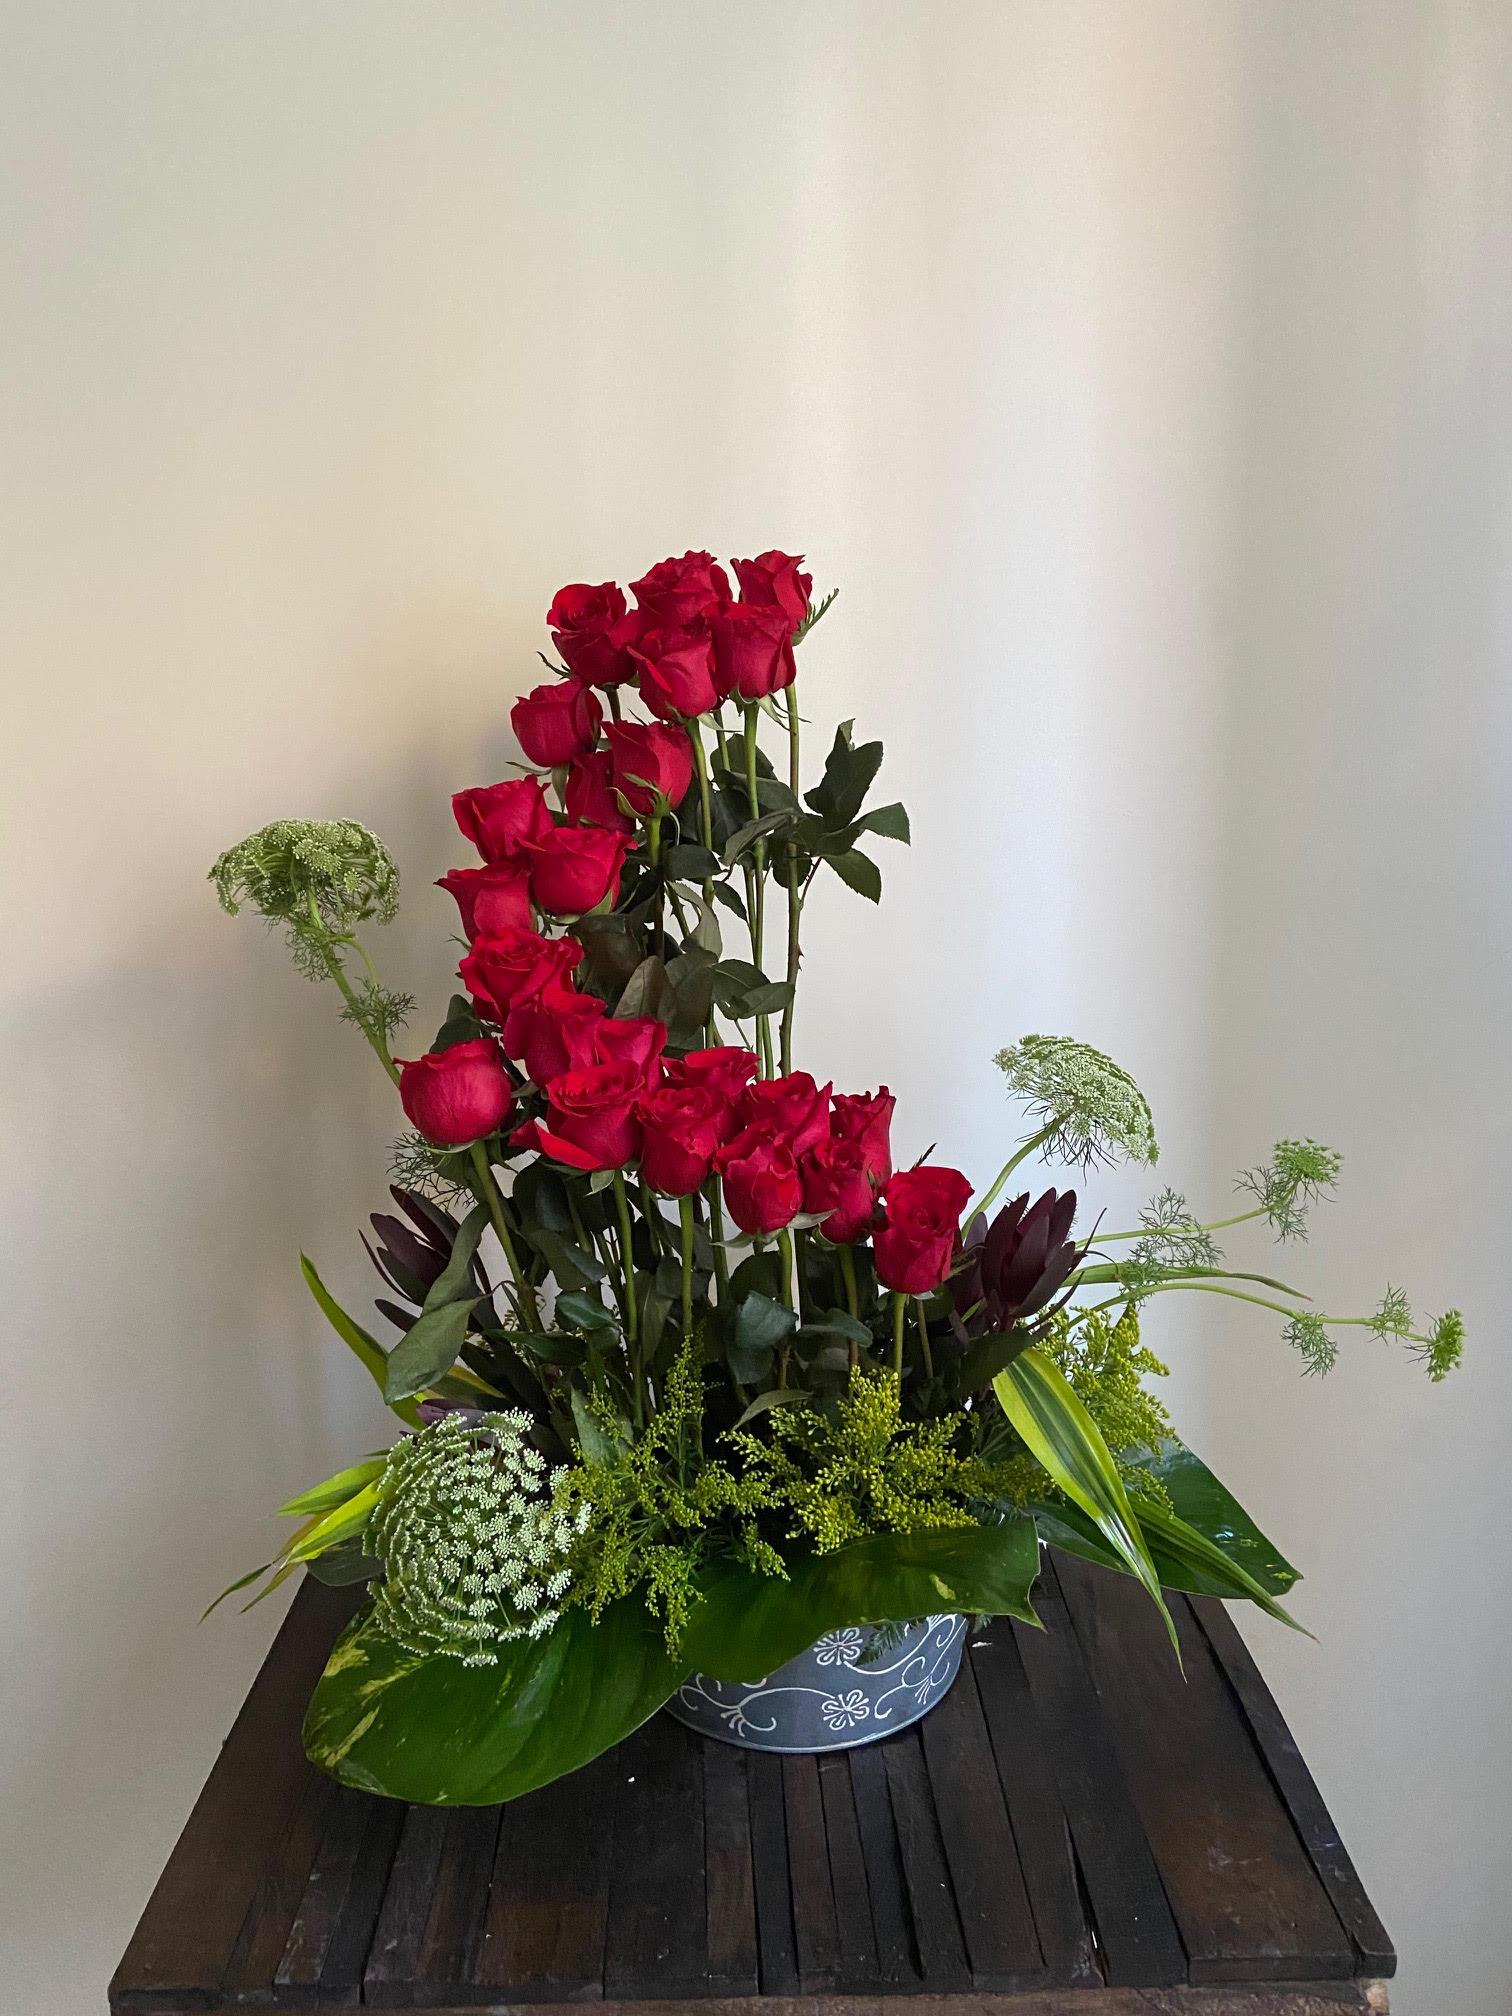 Degrade de rosas rojas Image